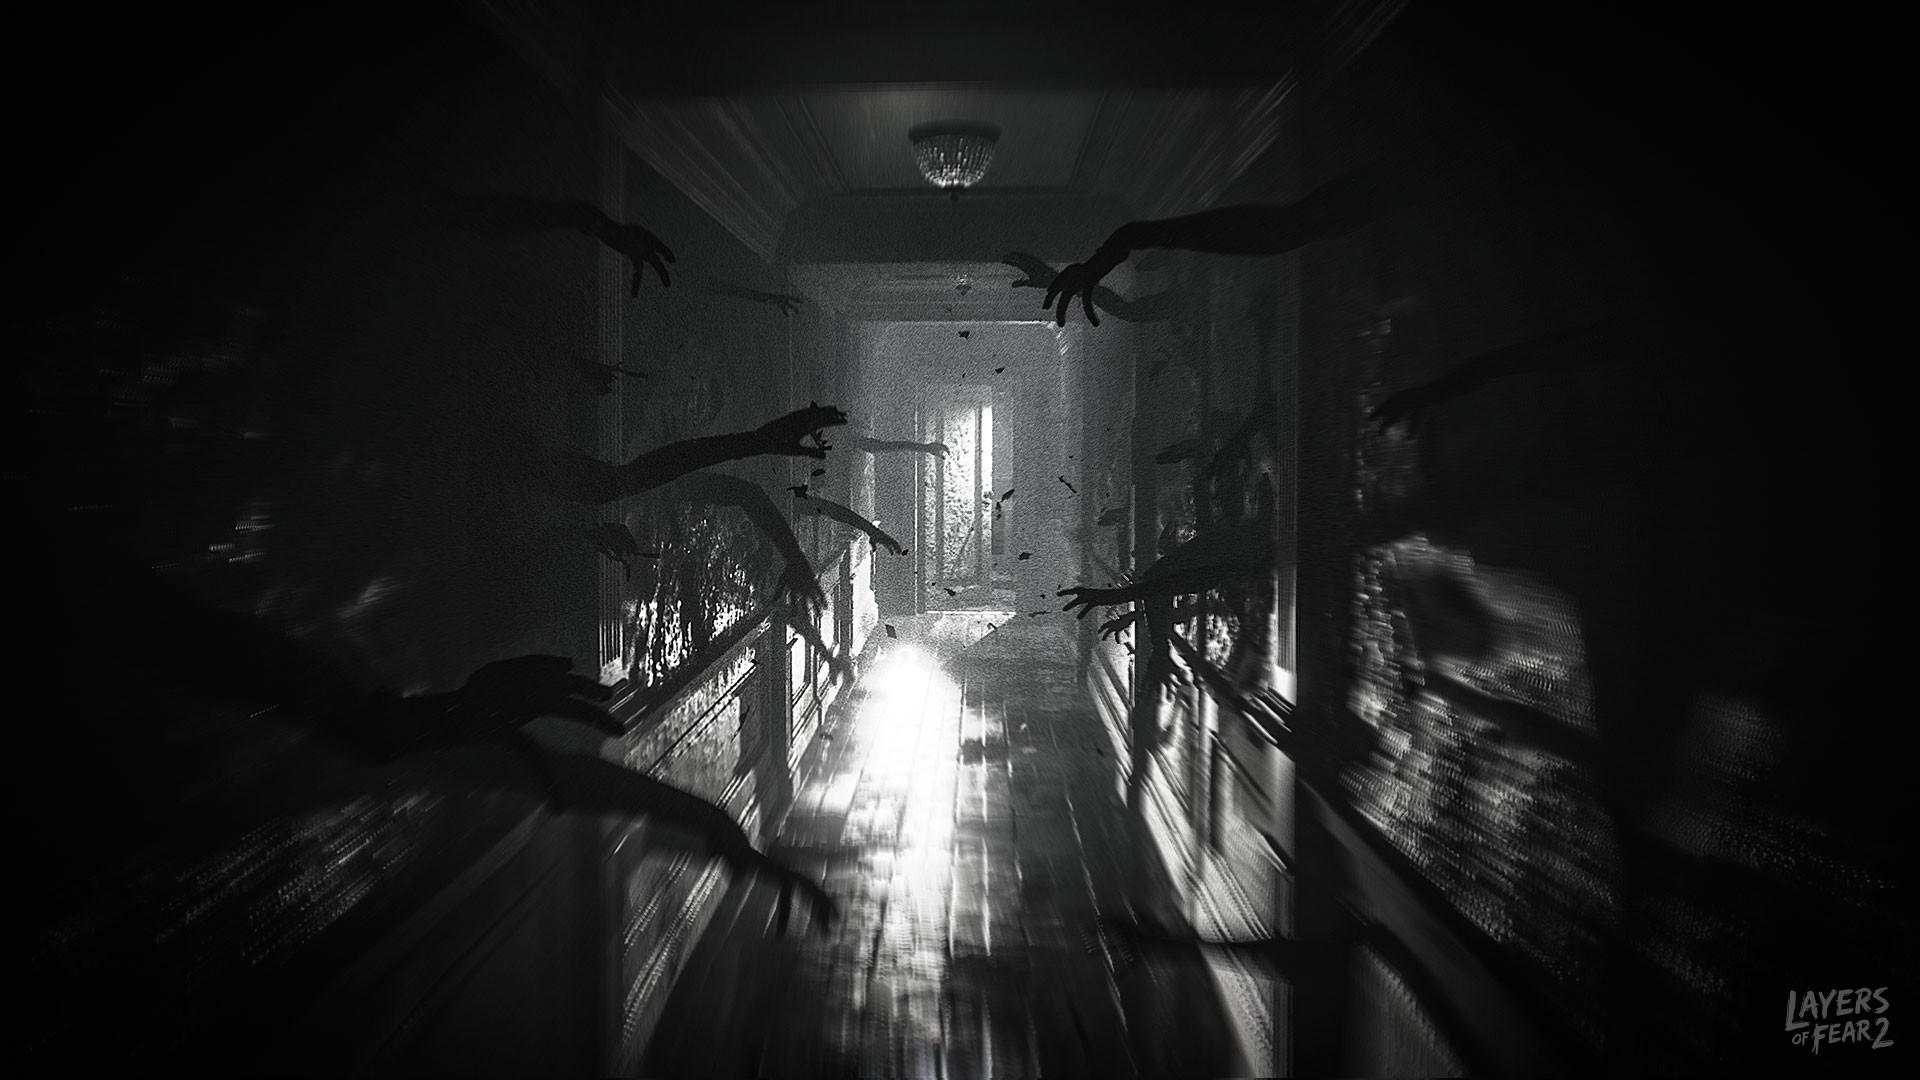 Layers of Fear 2 - Fortsetzung des Horror-Adventures erscheint Ende Mai